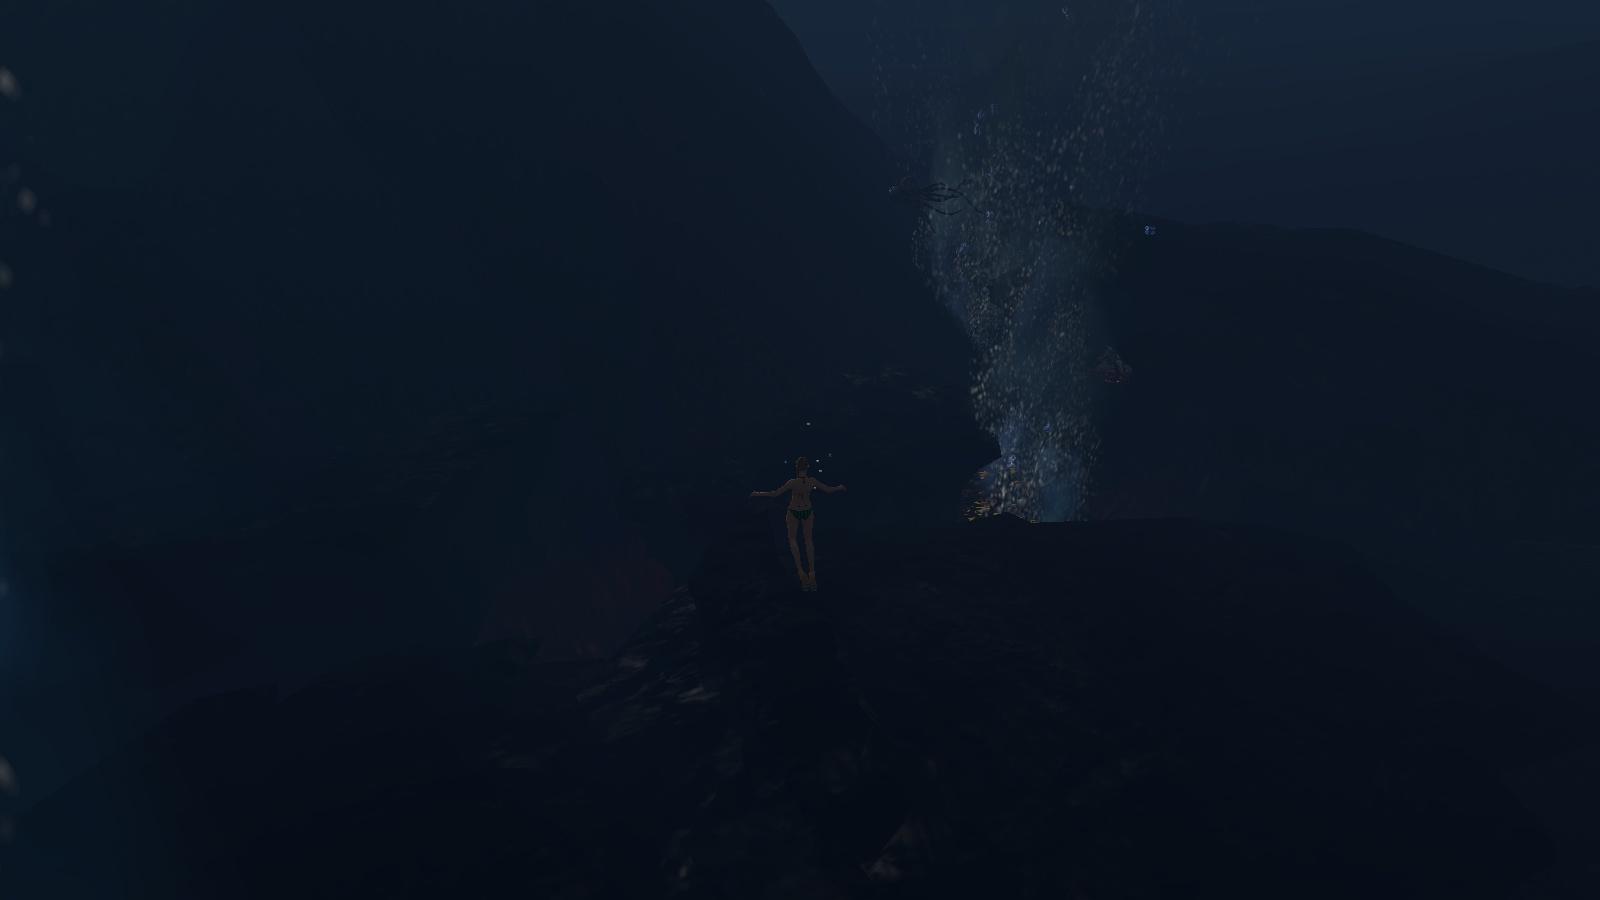 海底の水流